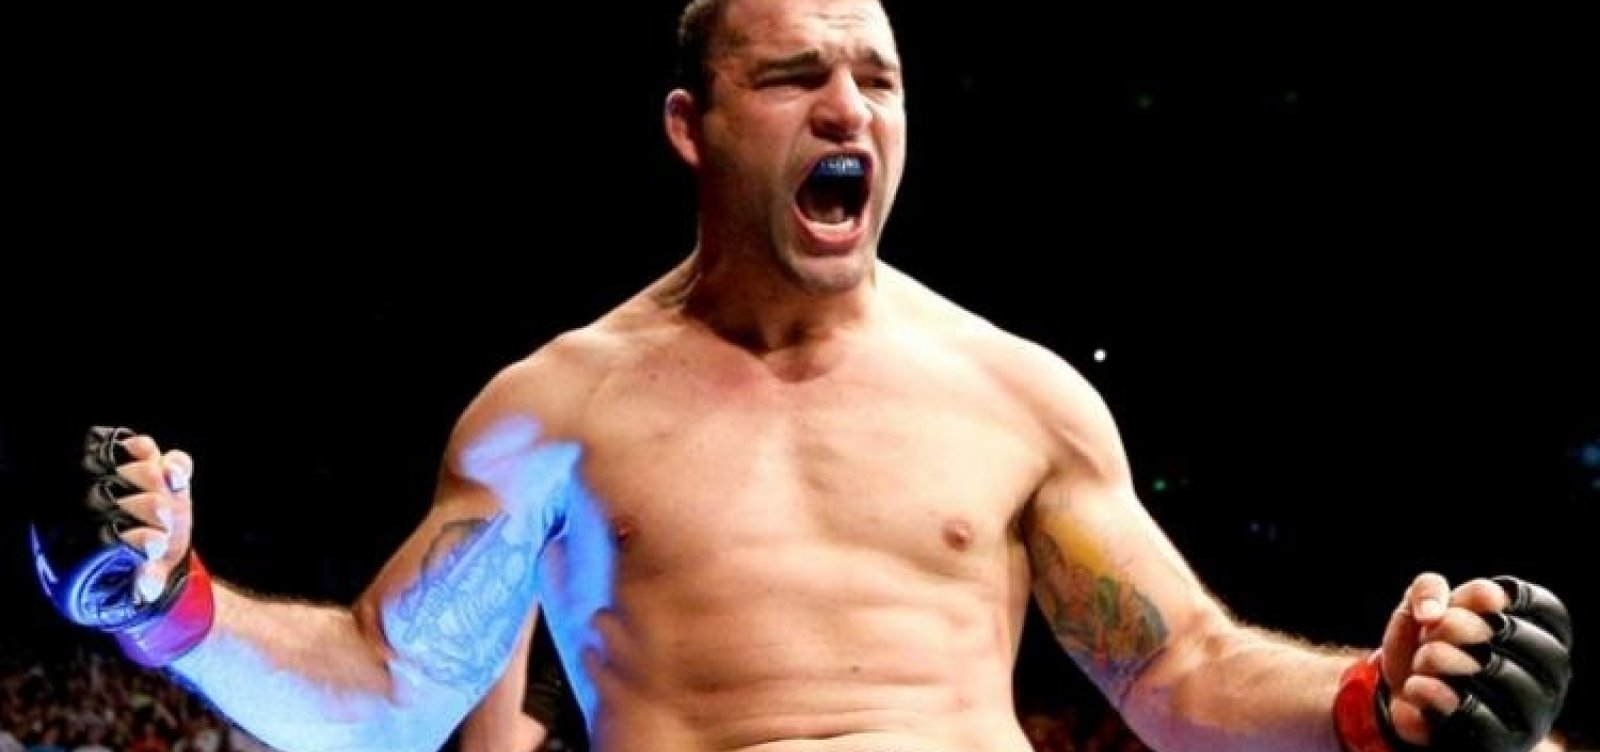 Lenda do MMA inaugura academia de artes marciais em Salvador